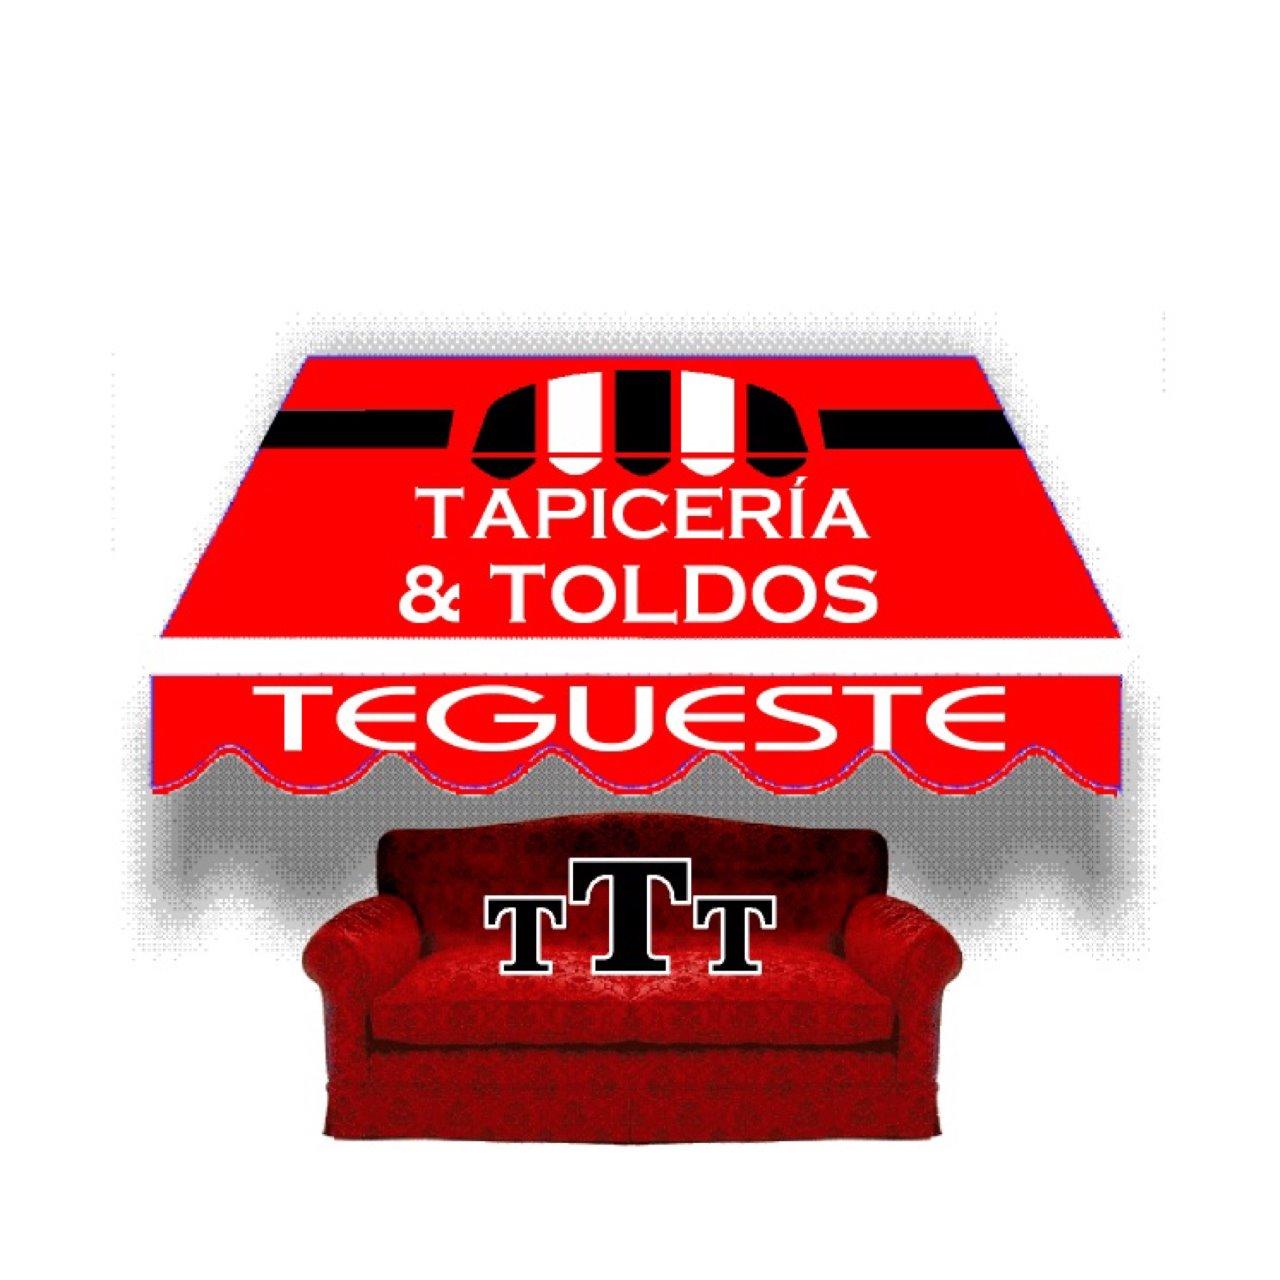 TAPICERÍA Y TOLDOS TEGUESTE